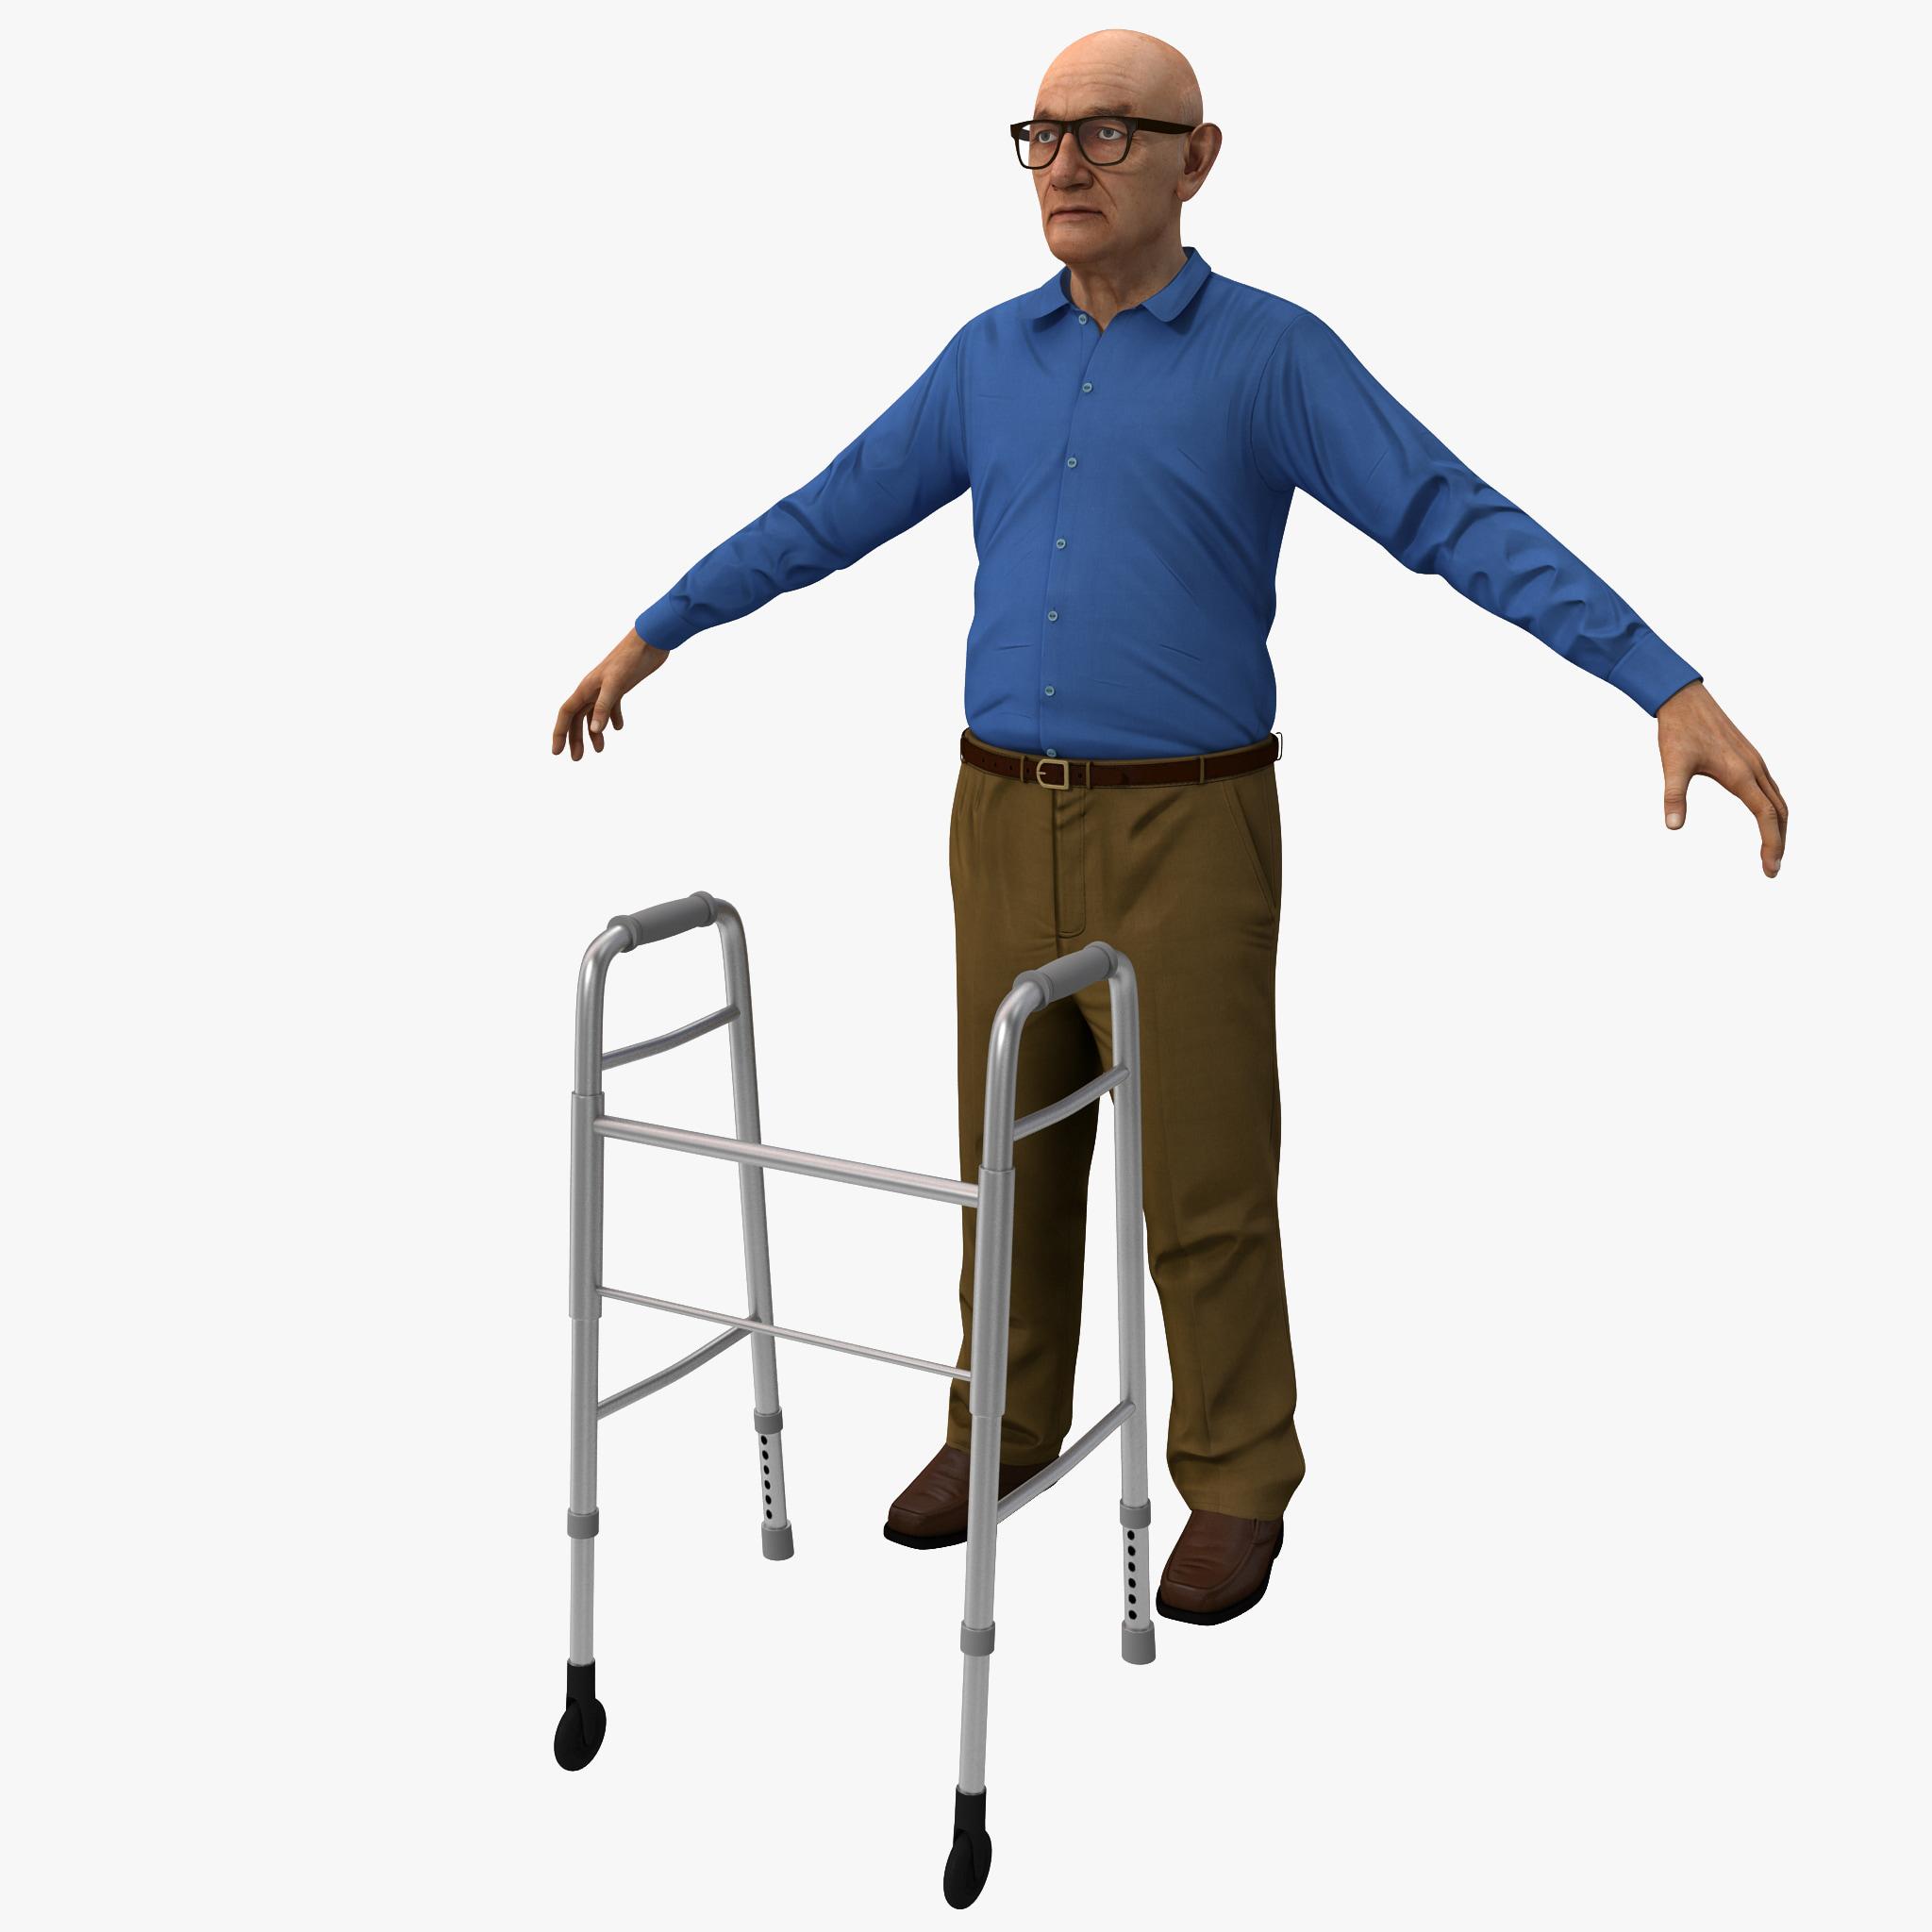 3dsmax elderly man